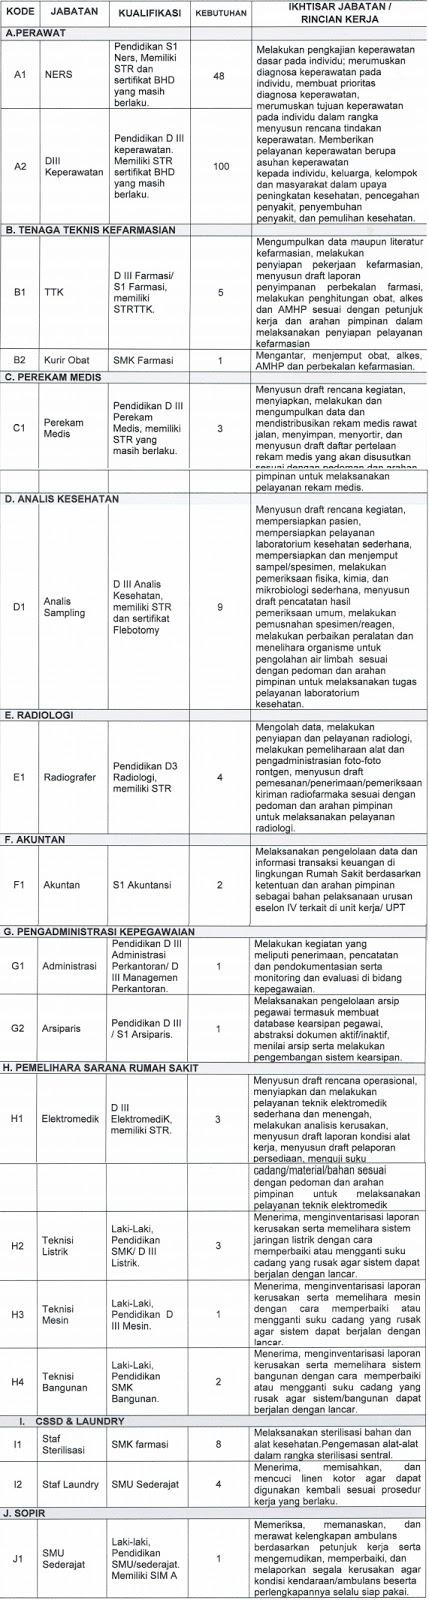 Lowongan Kerja Non PNS Tidak Tetap Rumah Sakit RSUP Dr Wahidin Sudirohusodo